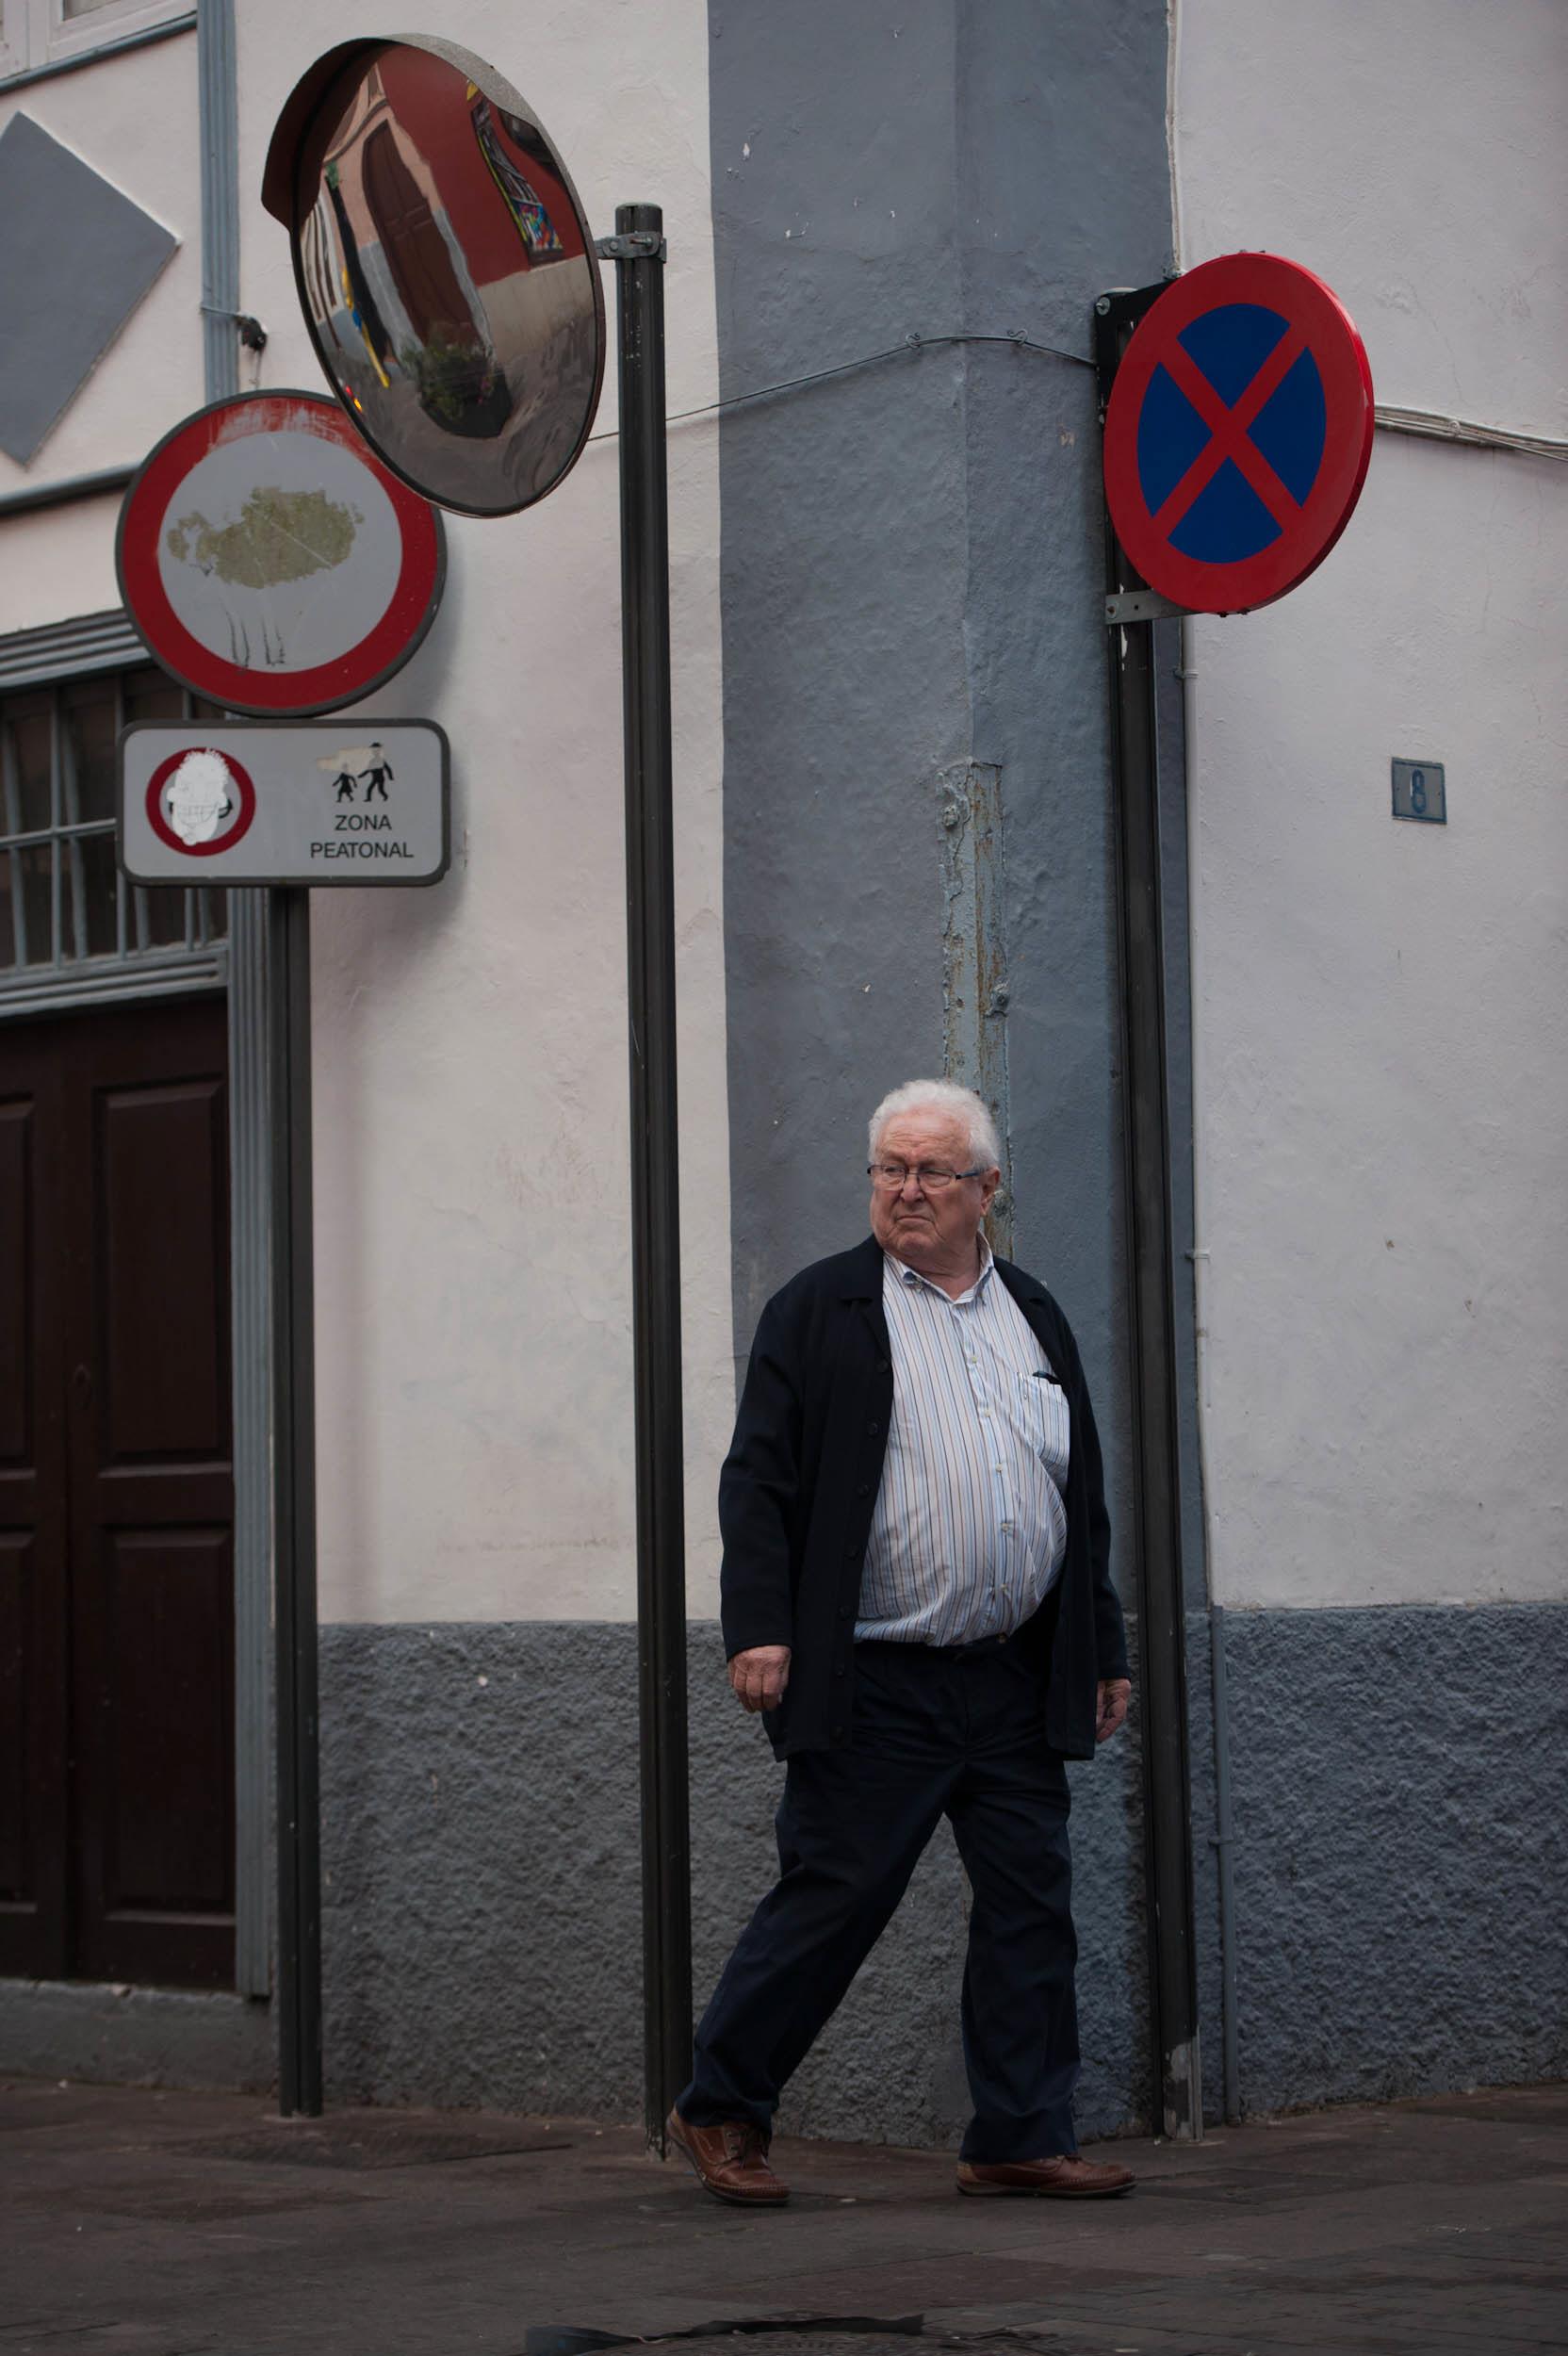 Postes en las esquinas de las calles peatonales, que suponen un impedimento para las personas ciegas. / F. P.